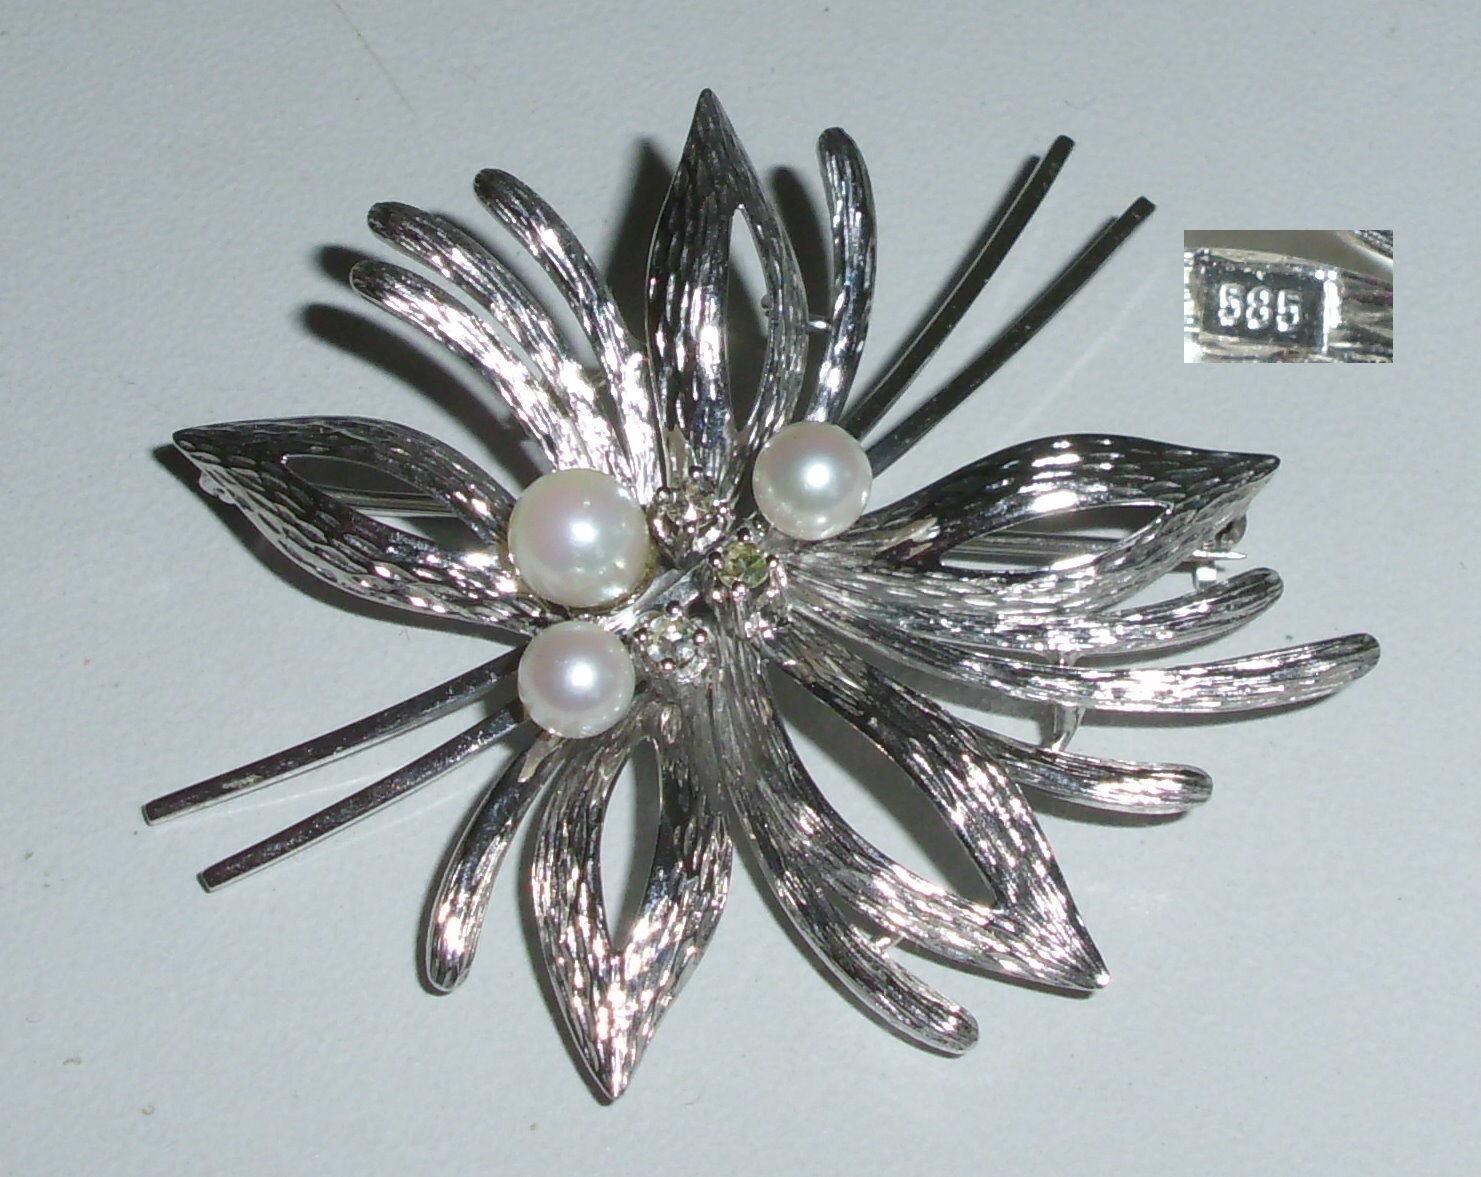 Splendida SPILLA da 585er oro bianco con perle perle perle e diamanti 0 15 CT. (da4233) 4fdb5e